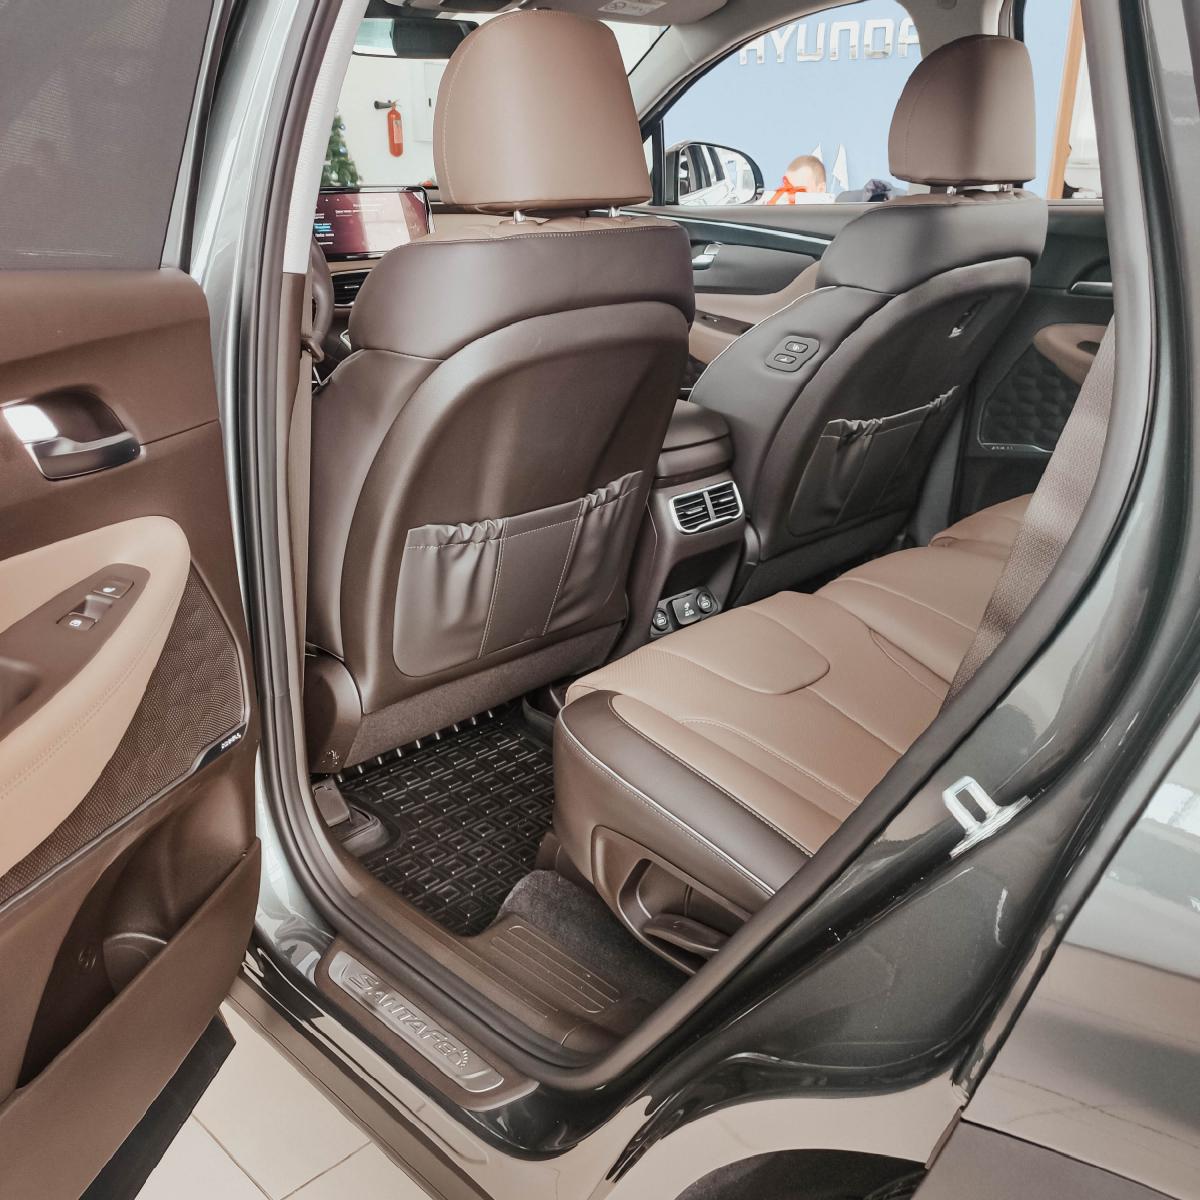 Якби комфорт і розкіш можна було б описати - це був би Hyundai Santa Fe! | Хюндай Мотор Україна - фото 12